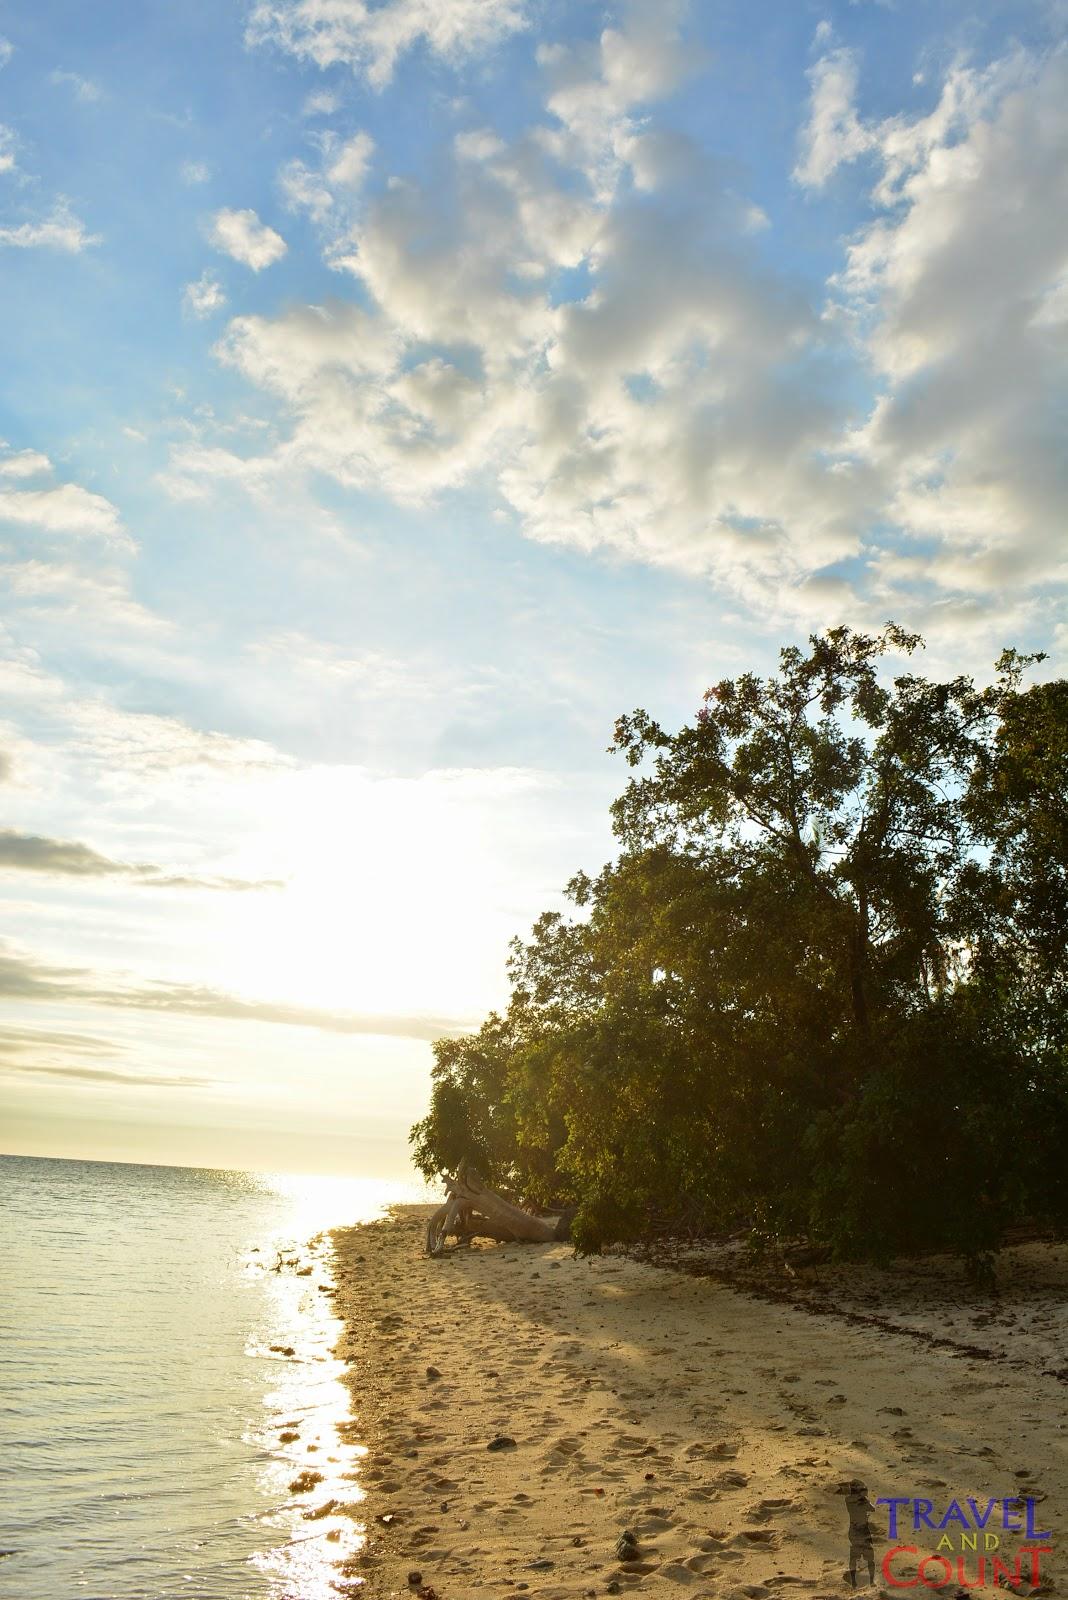 Potipot Island in Zambales